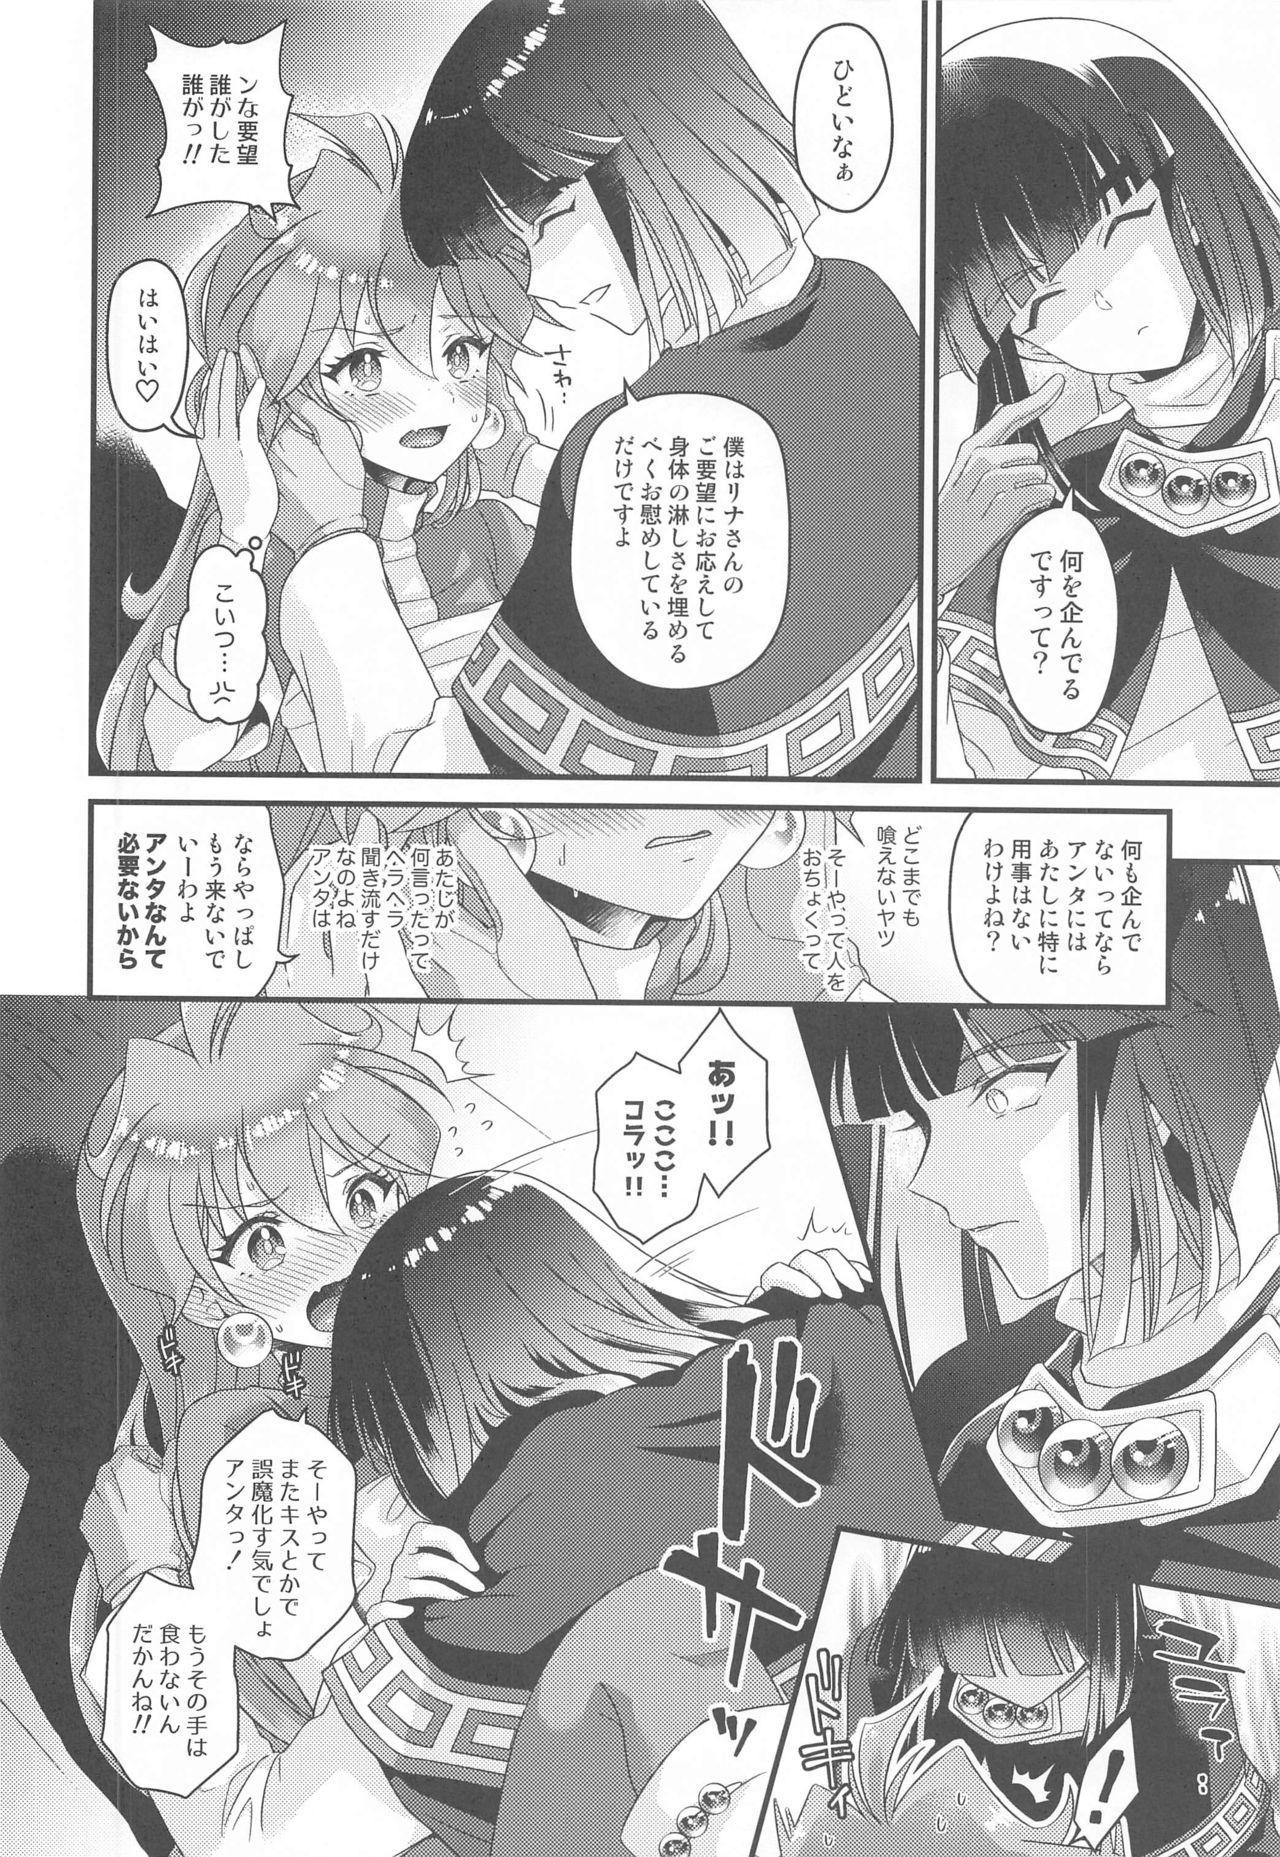 Lina Inverse Juu Shinkan ni NTR Kanochi 12